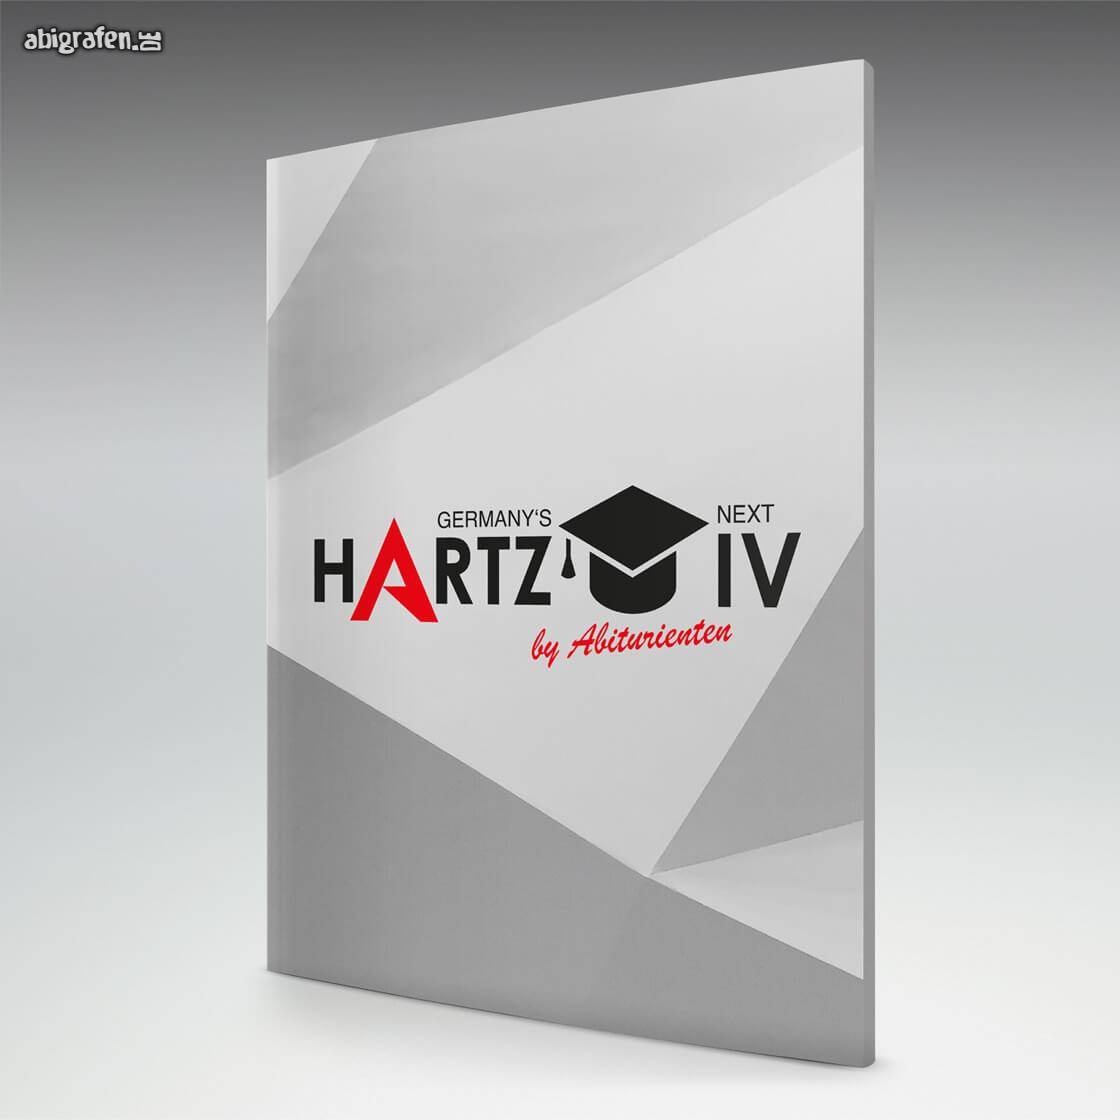 Softcover Abizeitung, Abschlusszeitung, Schülerzeitung mit Germany's Next Hartz IV – by Abiturienten